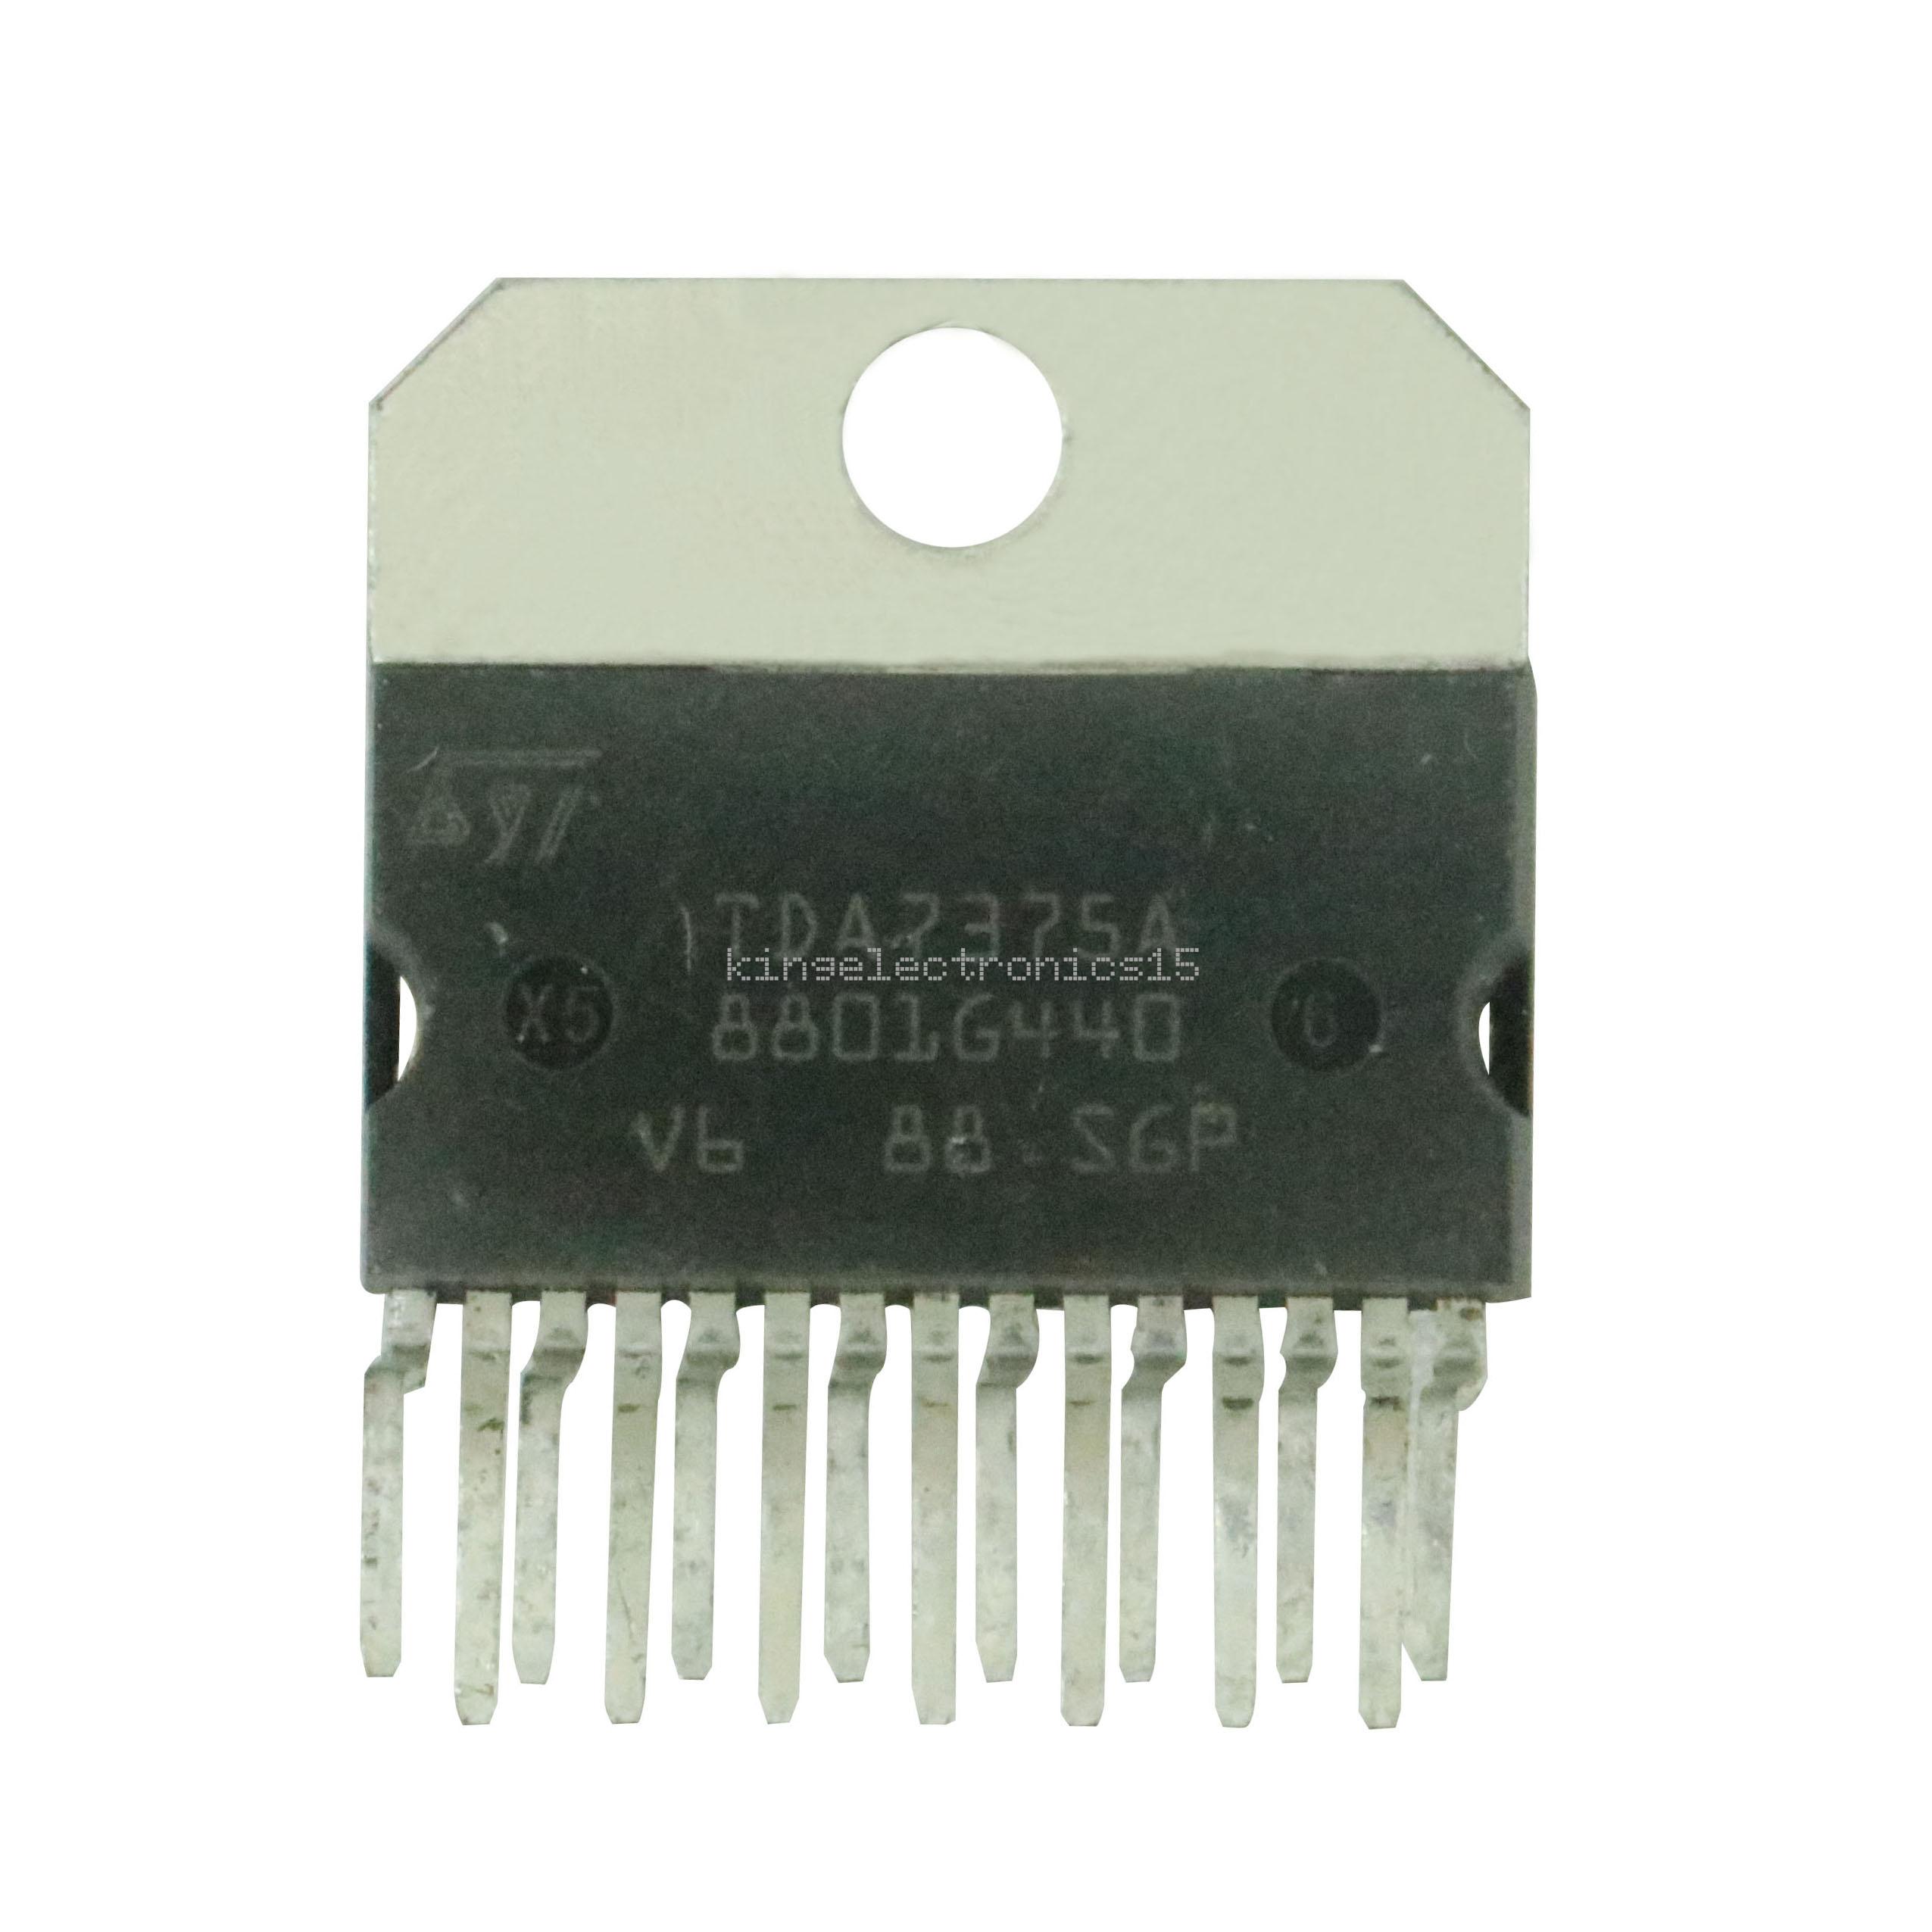 5PCS IC TDA7375 TDA7375A ZIP-15 ST NEW GOOD QUALITY